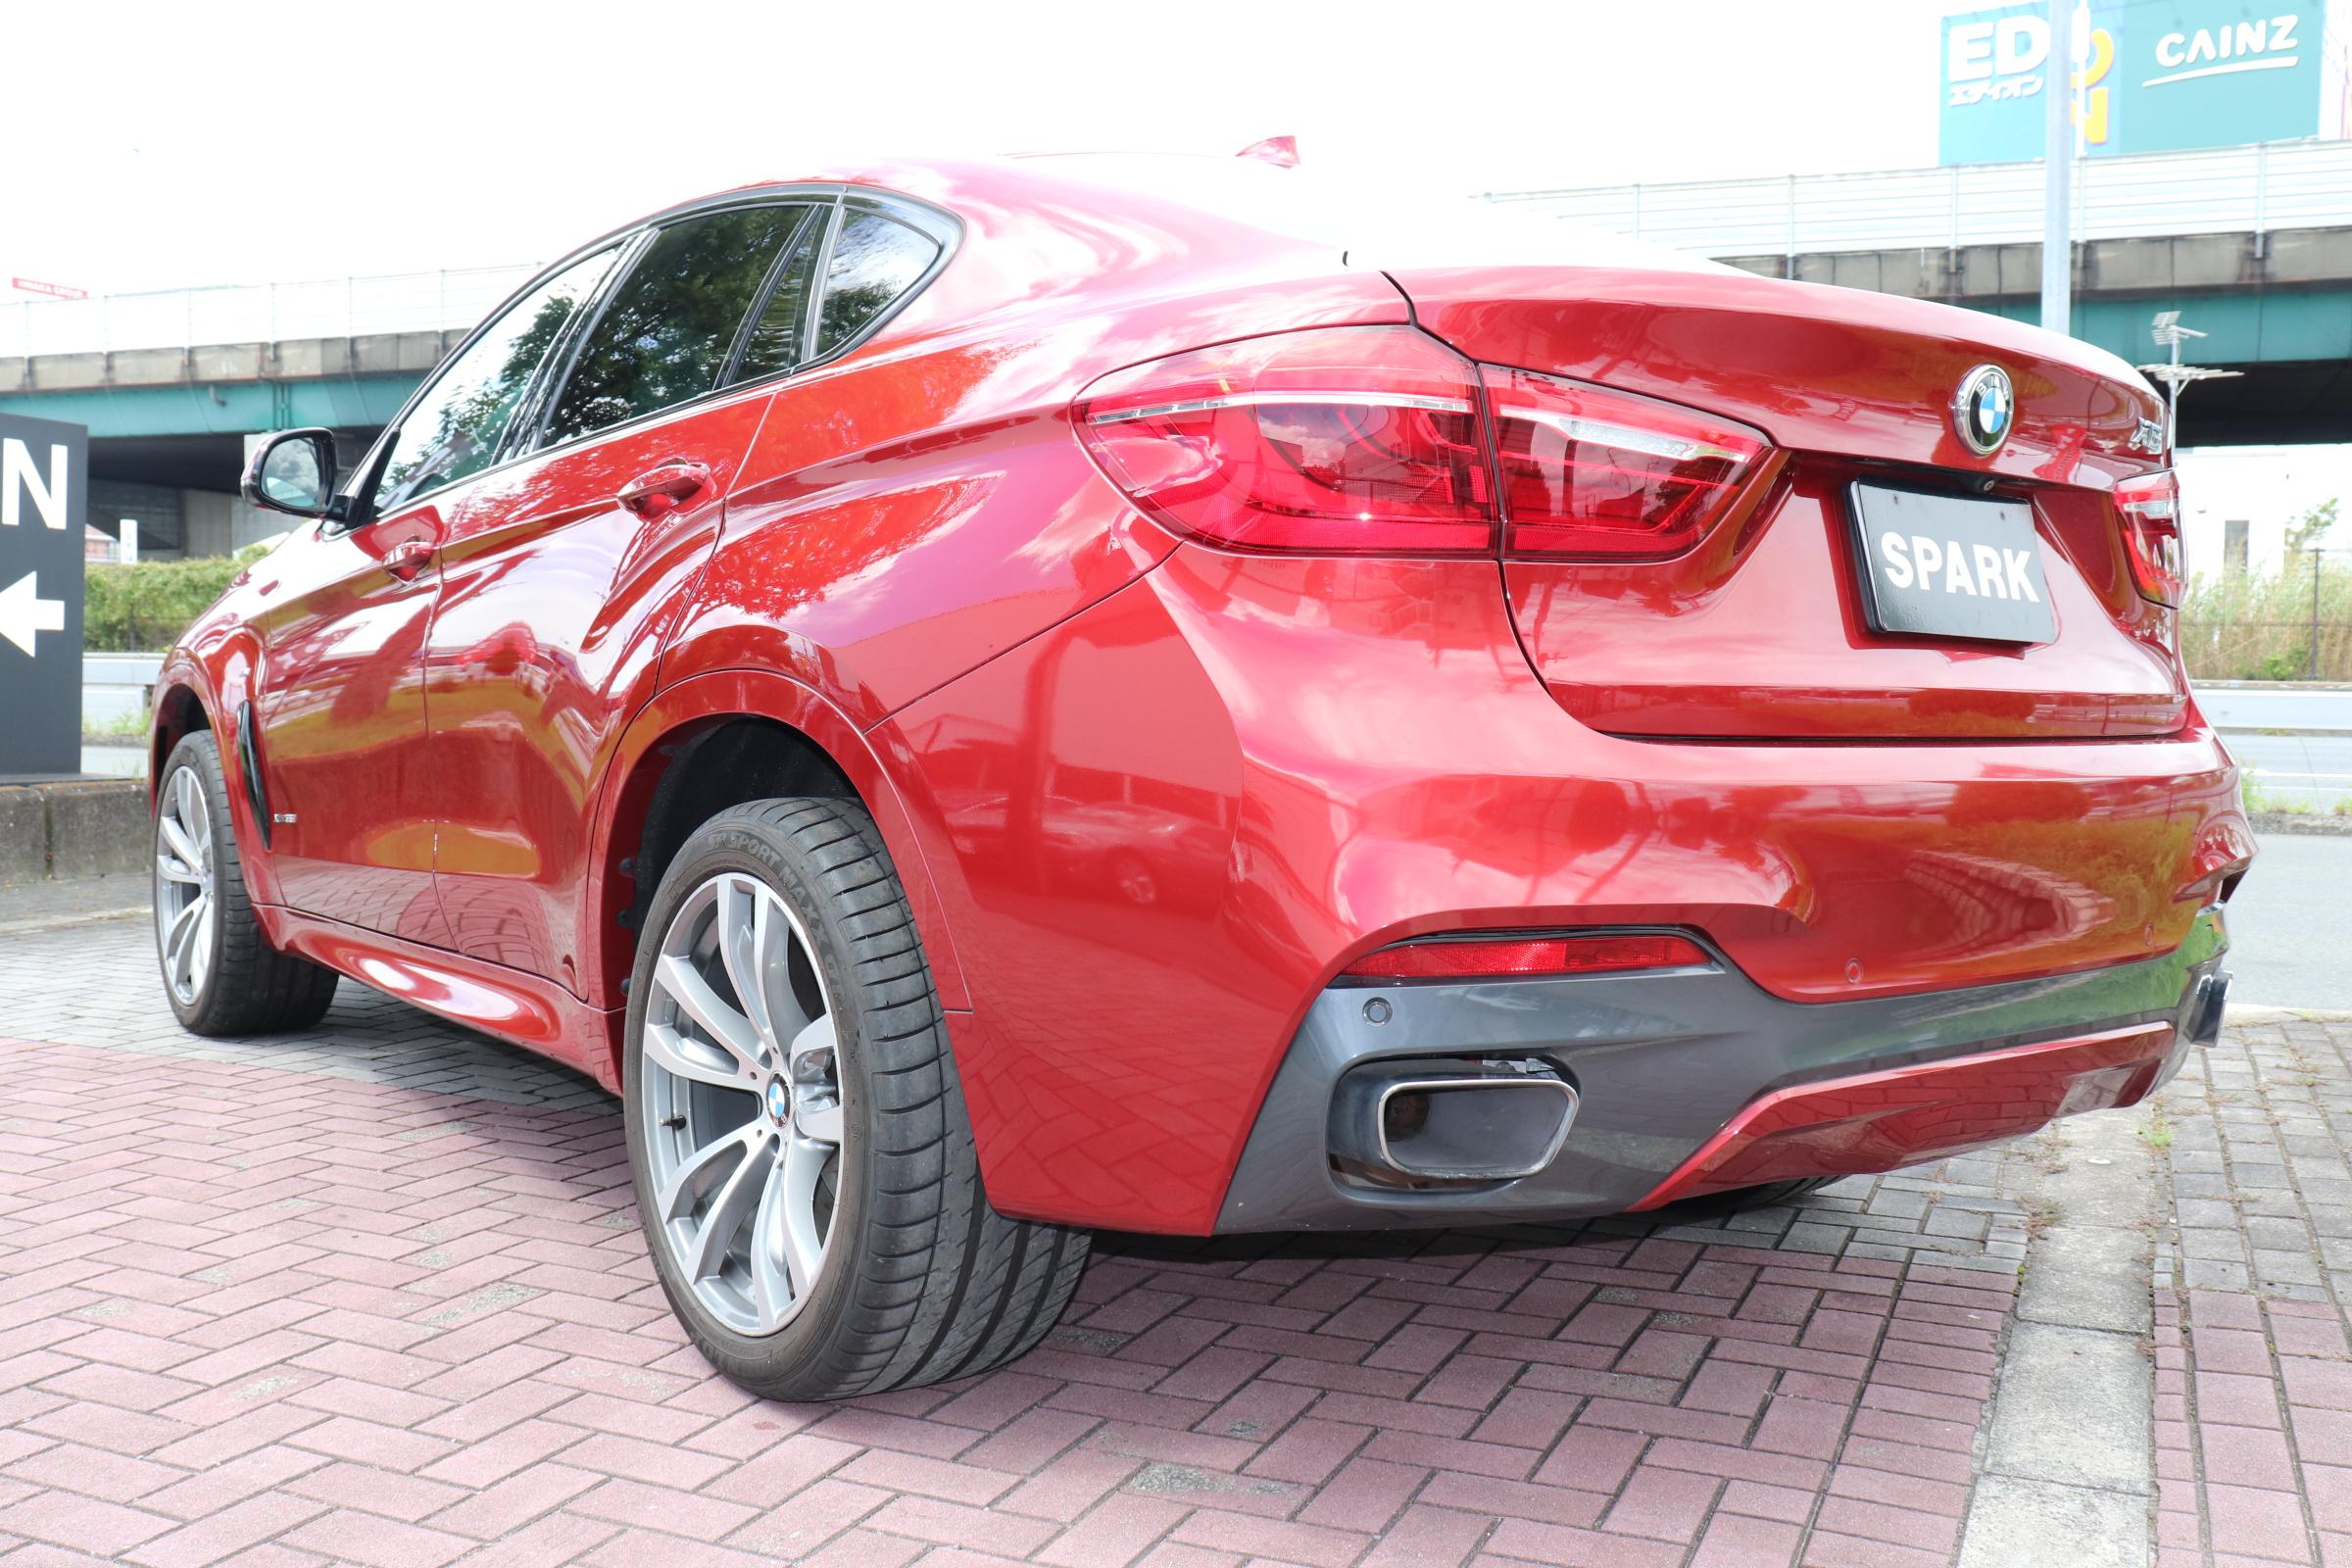 X6 xDrive 35i Mスポーツ セレクトパッケージ ブラウンレザー ACC LEDライト ワンオーナー車両画像07